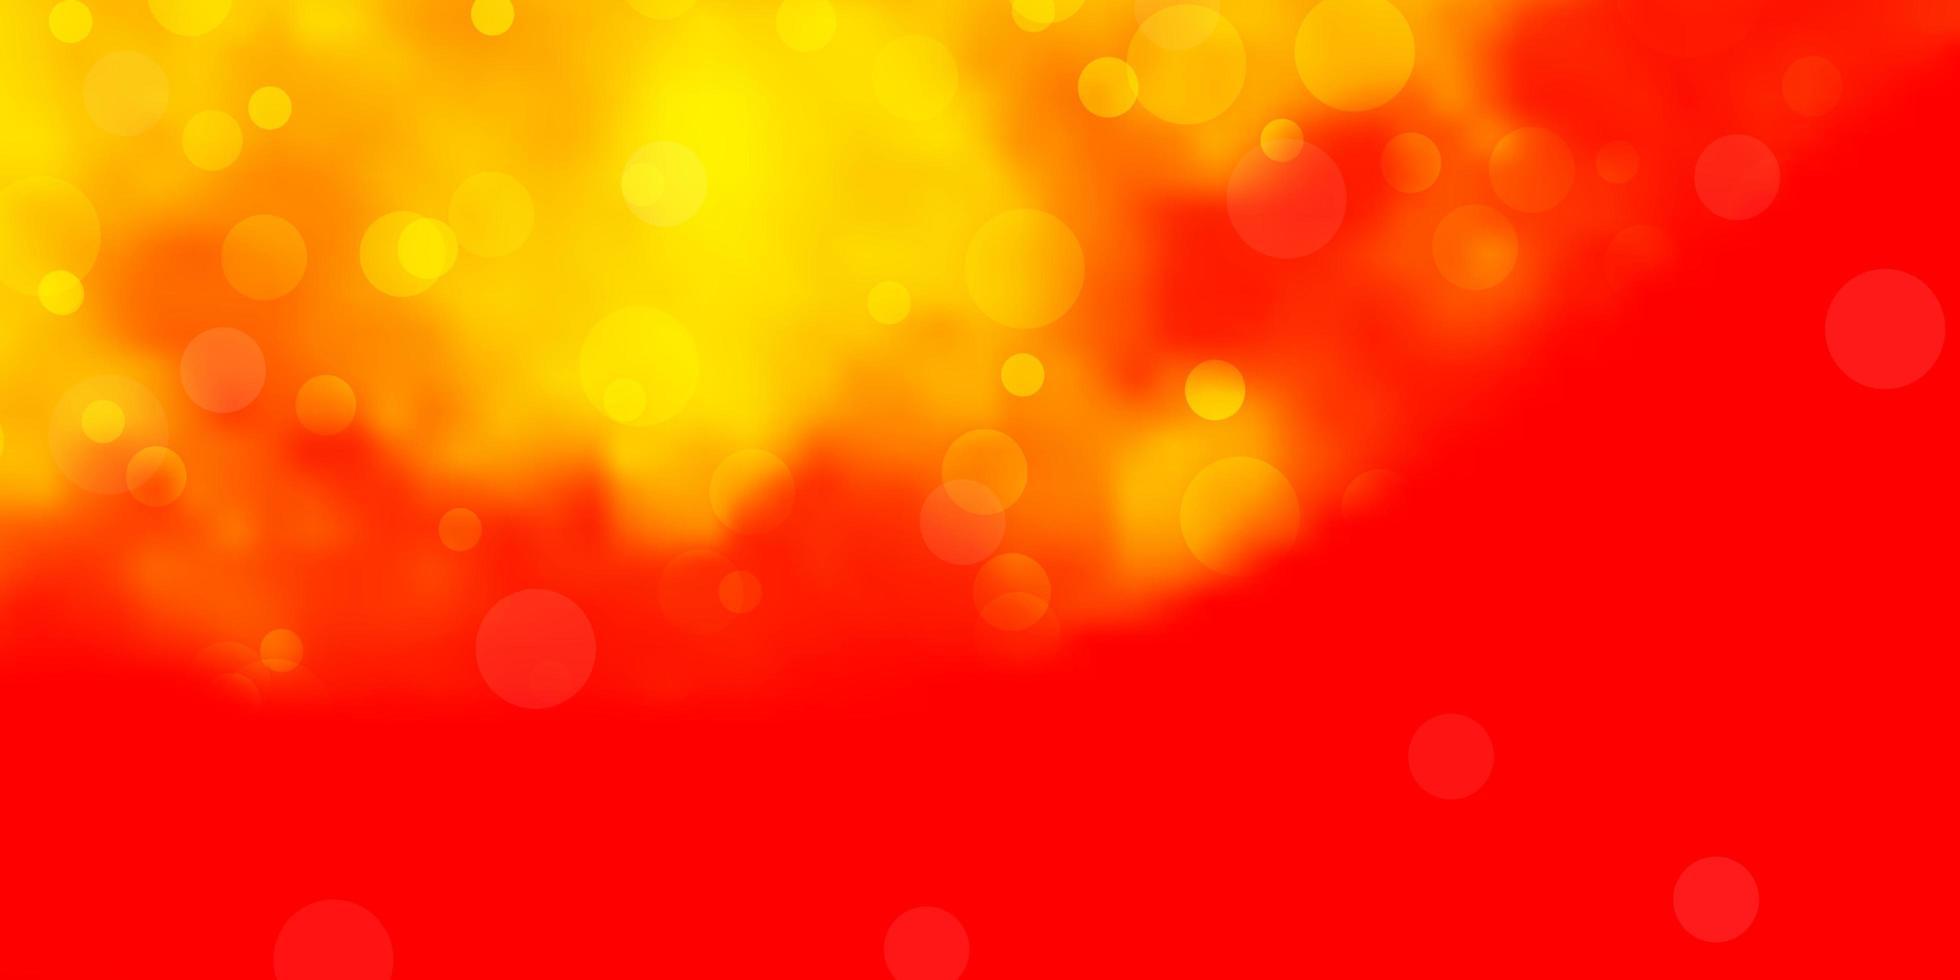 sfondo rosso e giallo con punti. vettore